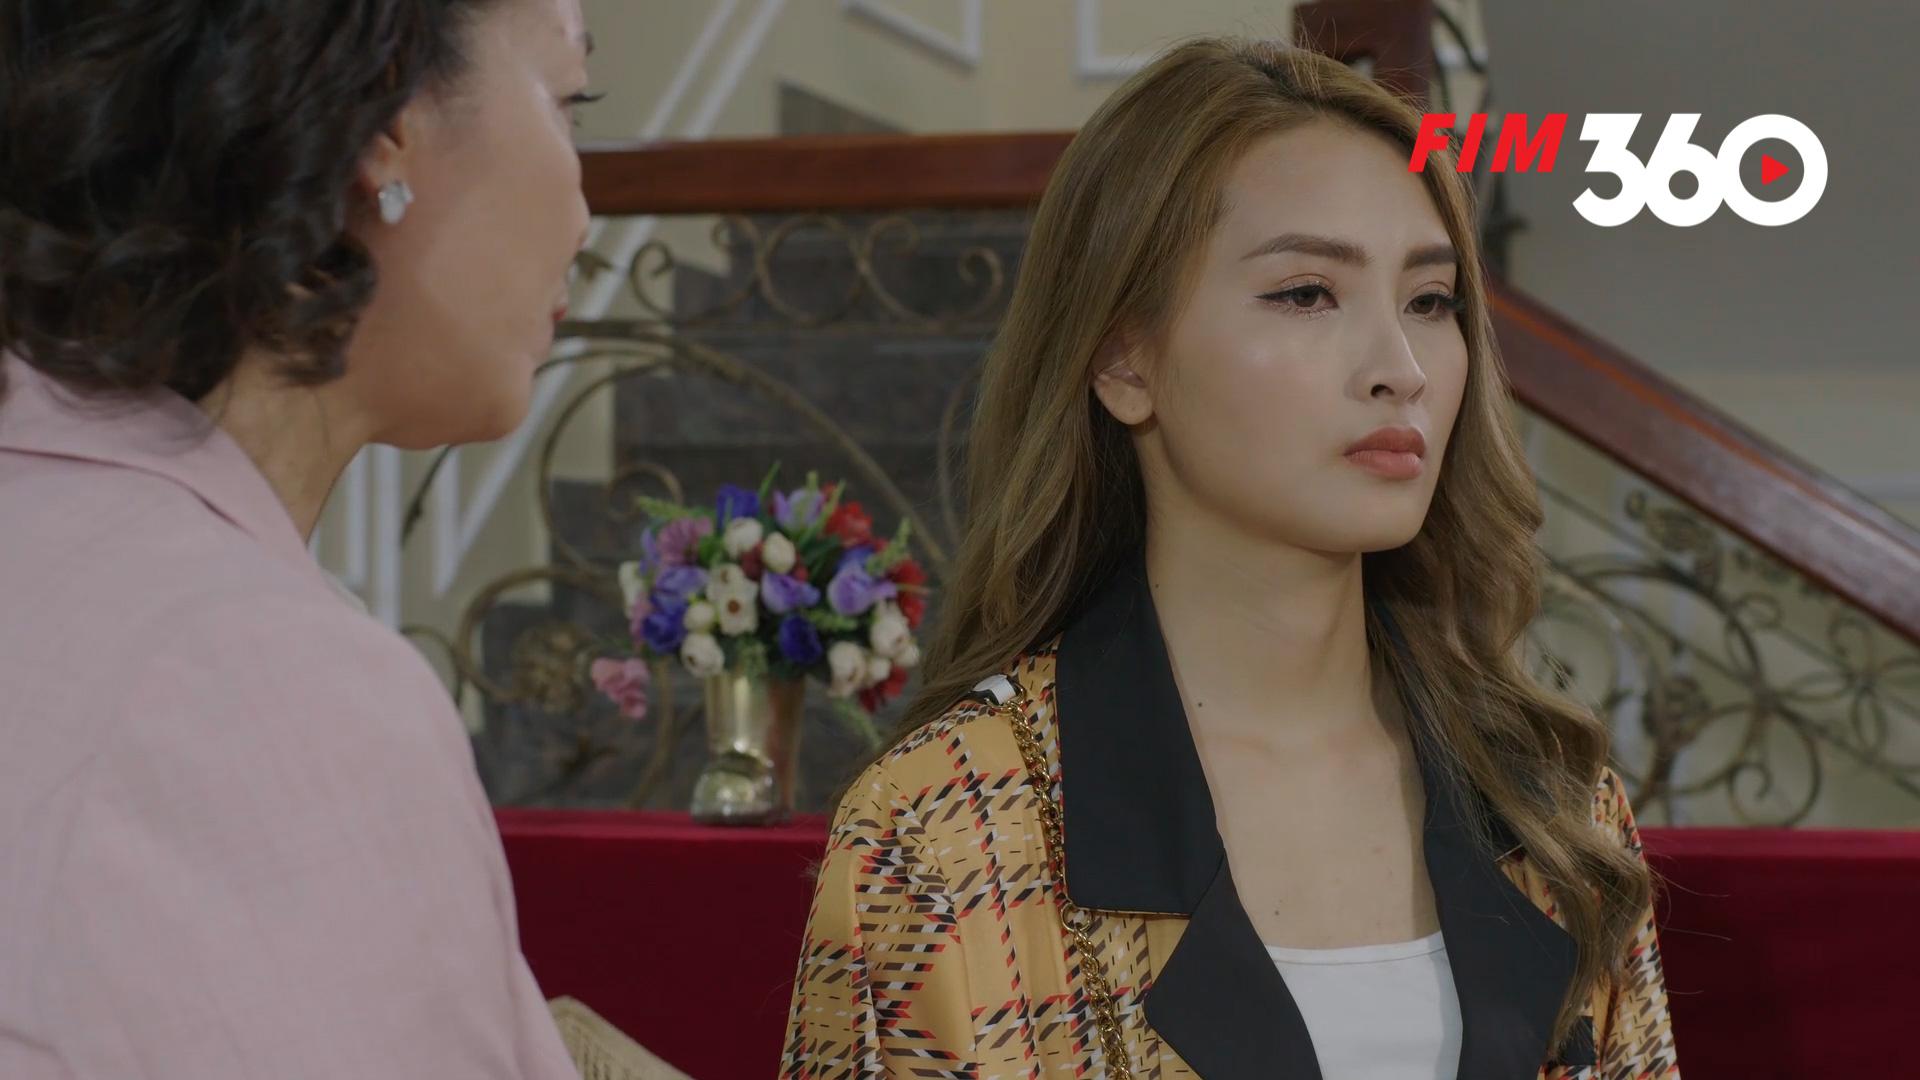 Ông Tôn 'lật bài ngửa', tuyên bố Huấn không thể cướp lấy Hà Vy trong tập 36 'Mặt nạ hạnh phúc' 8